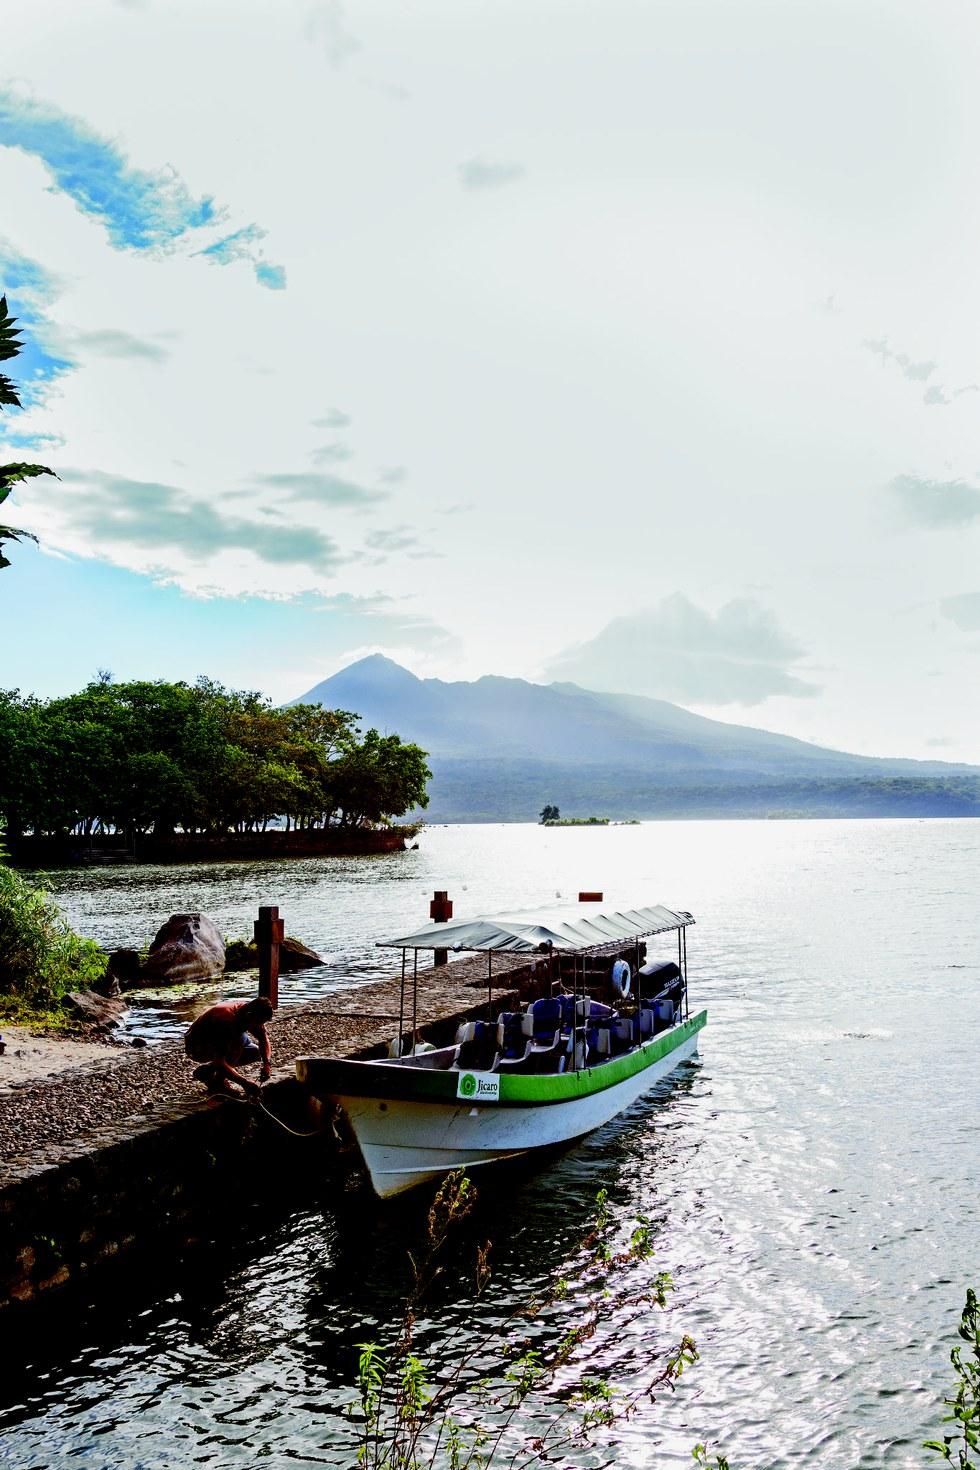 The dock at Jicaro Island Ecolodge;